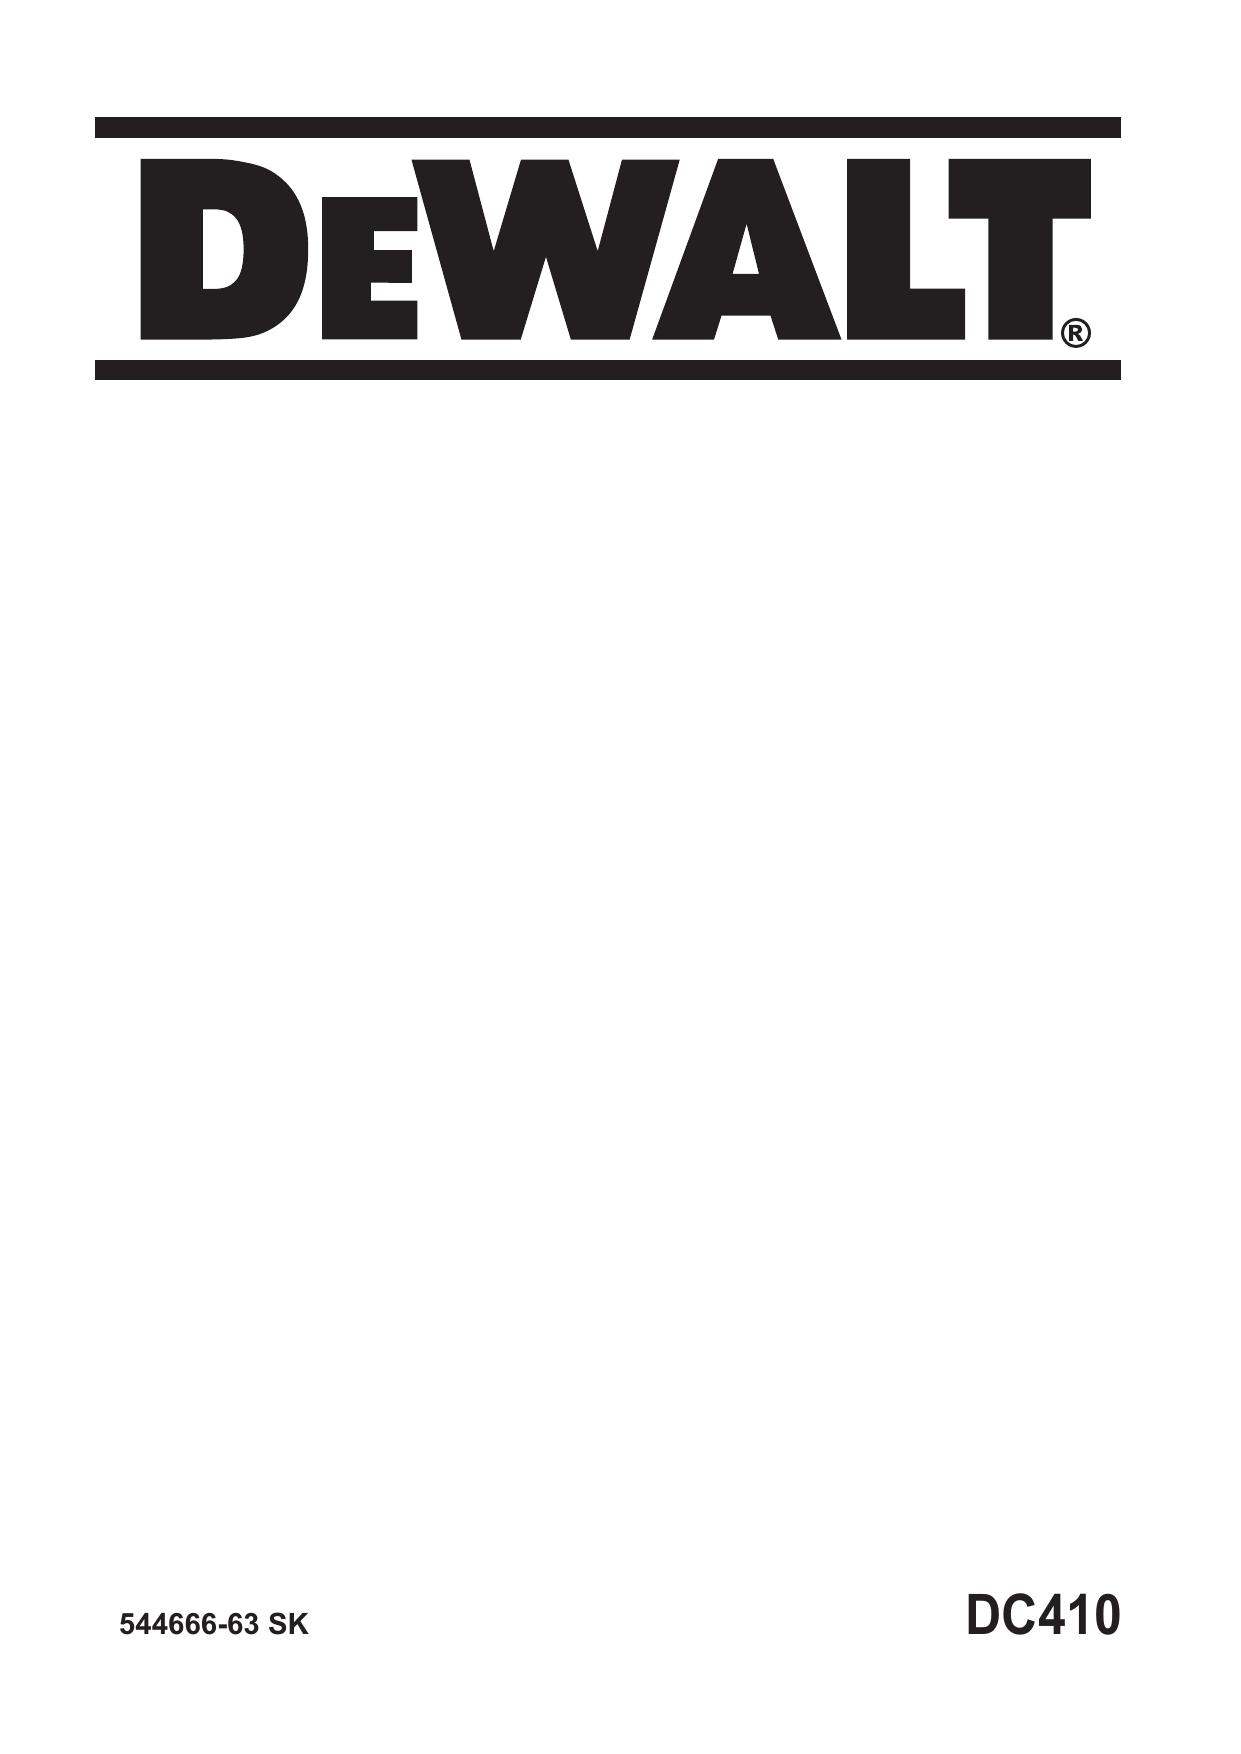 DeWalt DC410 SMALL ANGLE GRINDER instruction manual